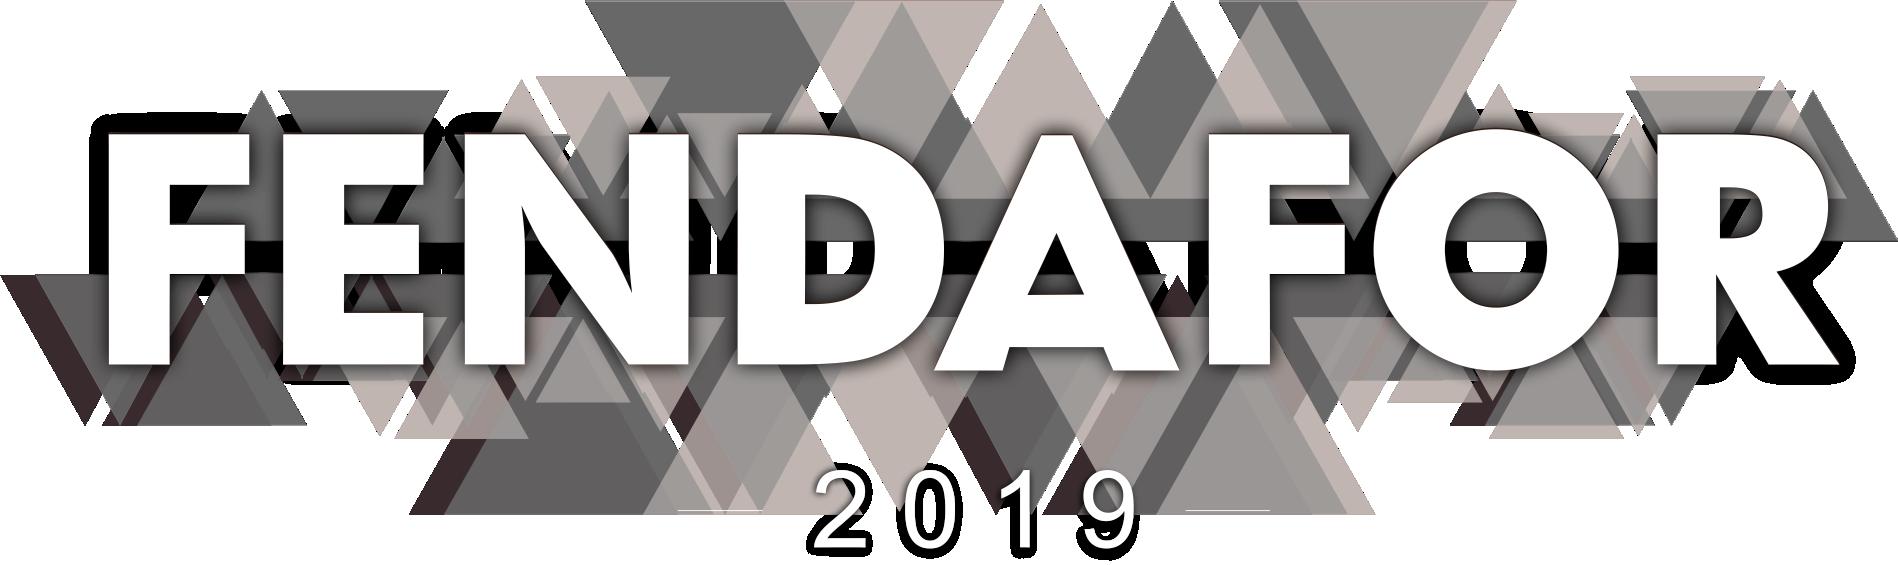 logo-fendafor-2019